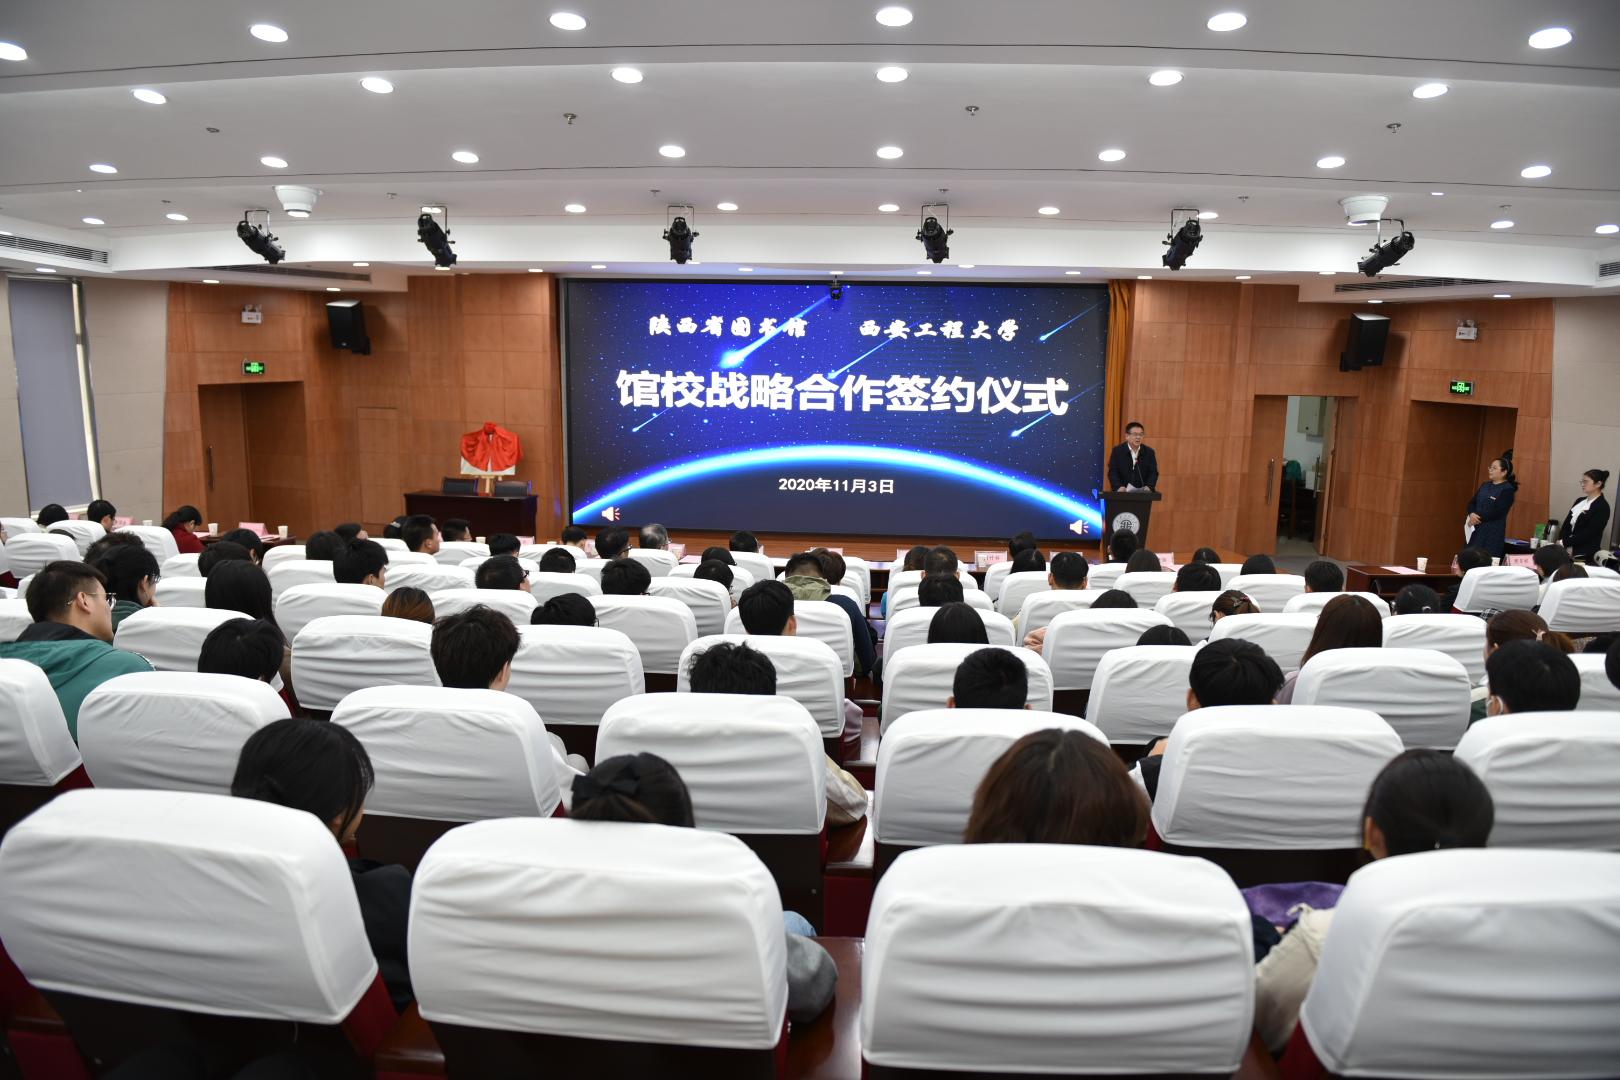 馆校合作、资源共享 陕西省图书馆与西安工程大学开启战略合作